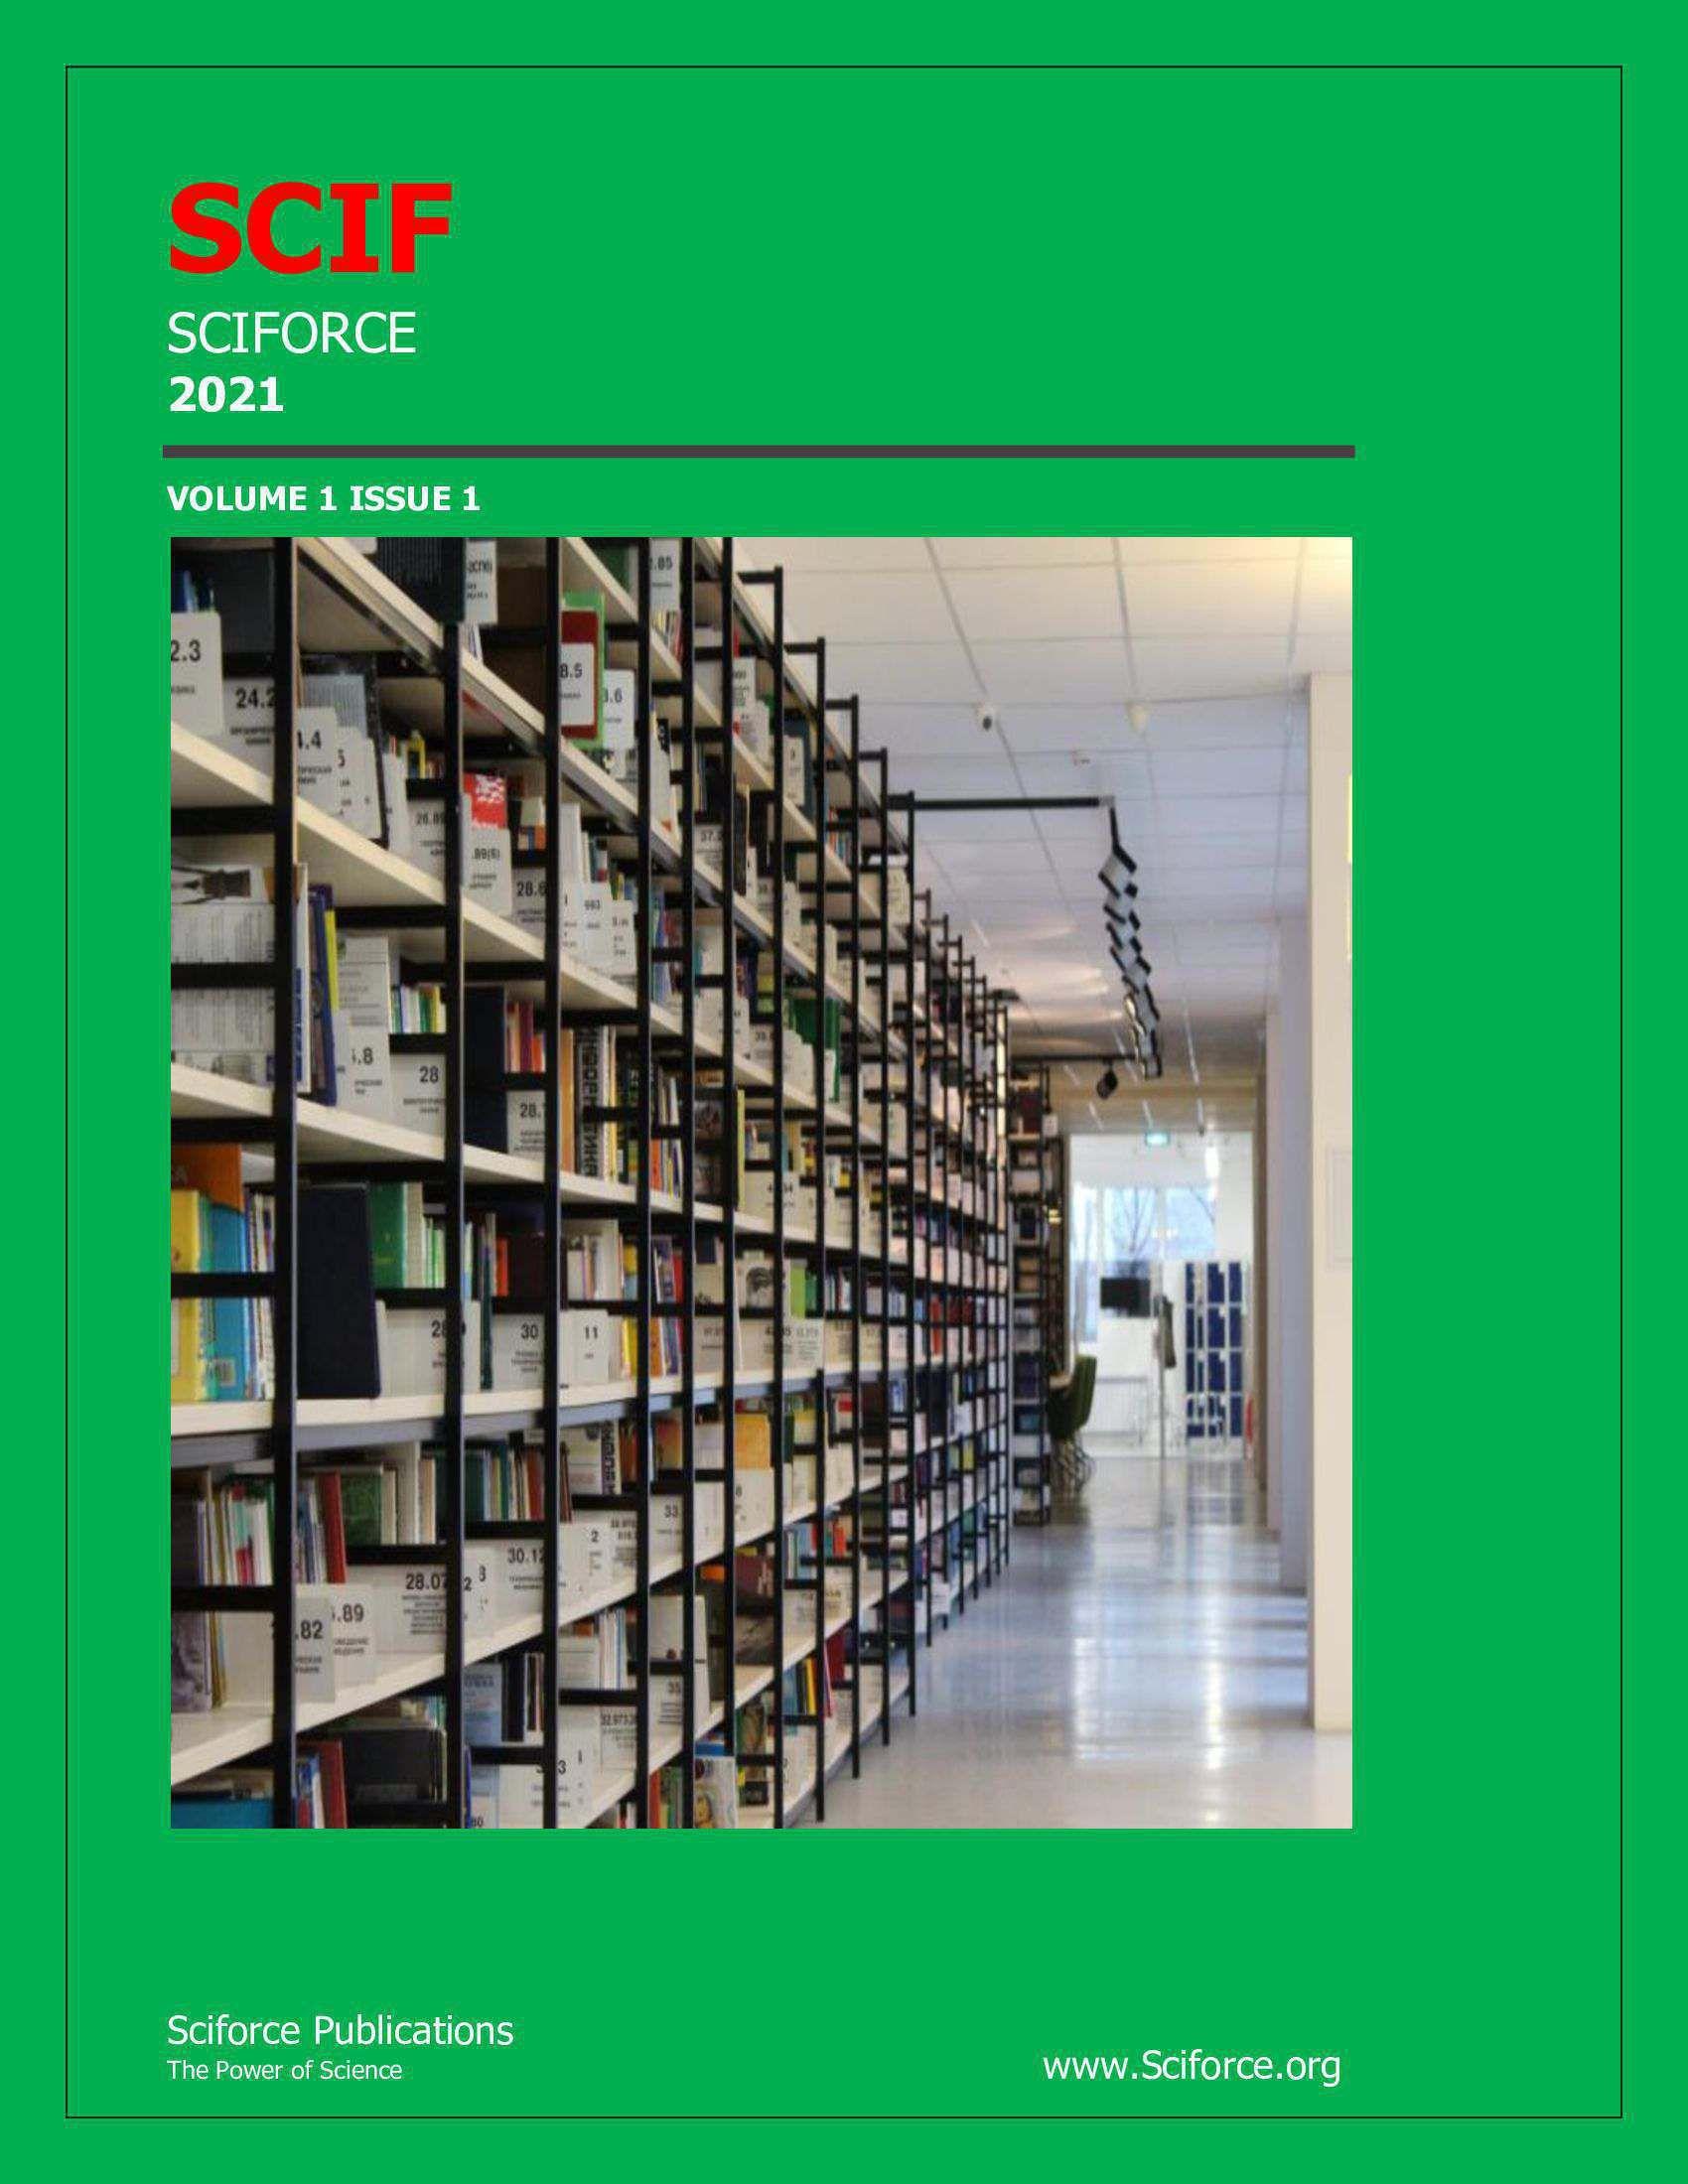 Sciforce Publications